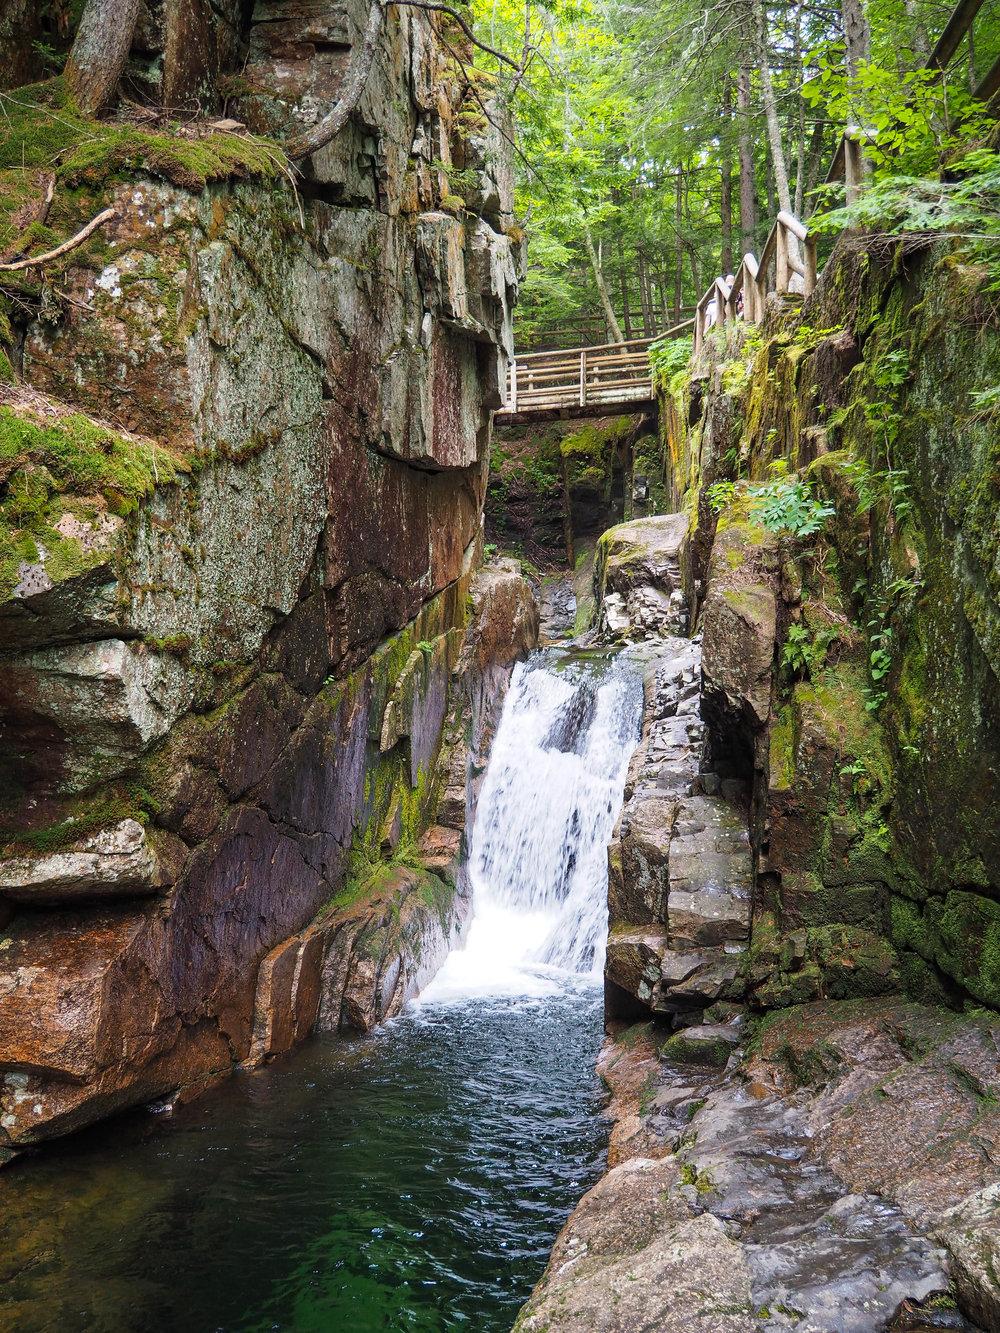 Waterfall of Kancamagus Highway